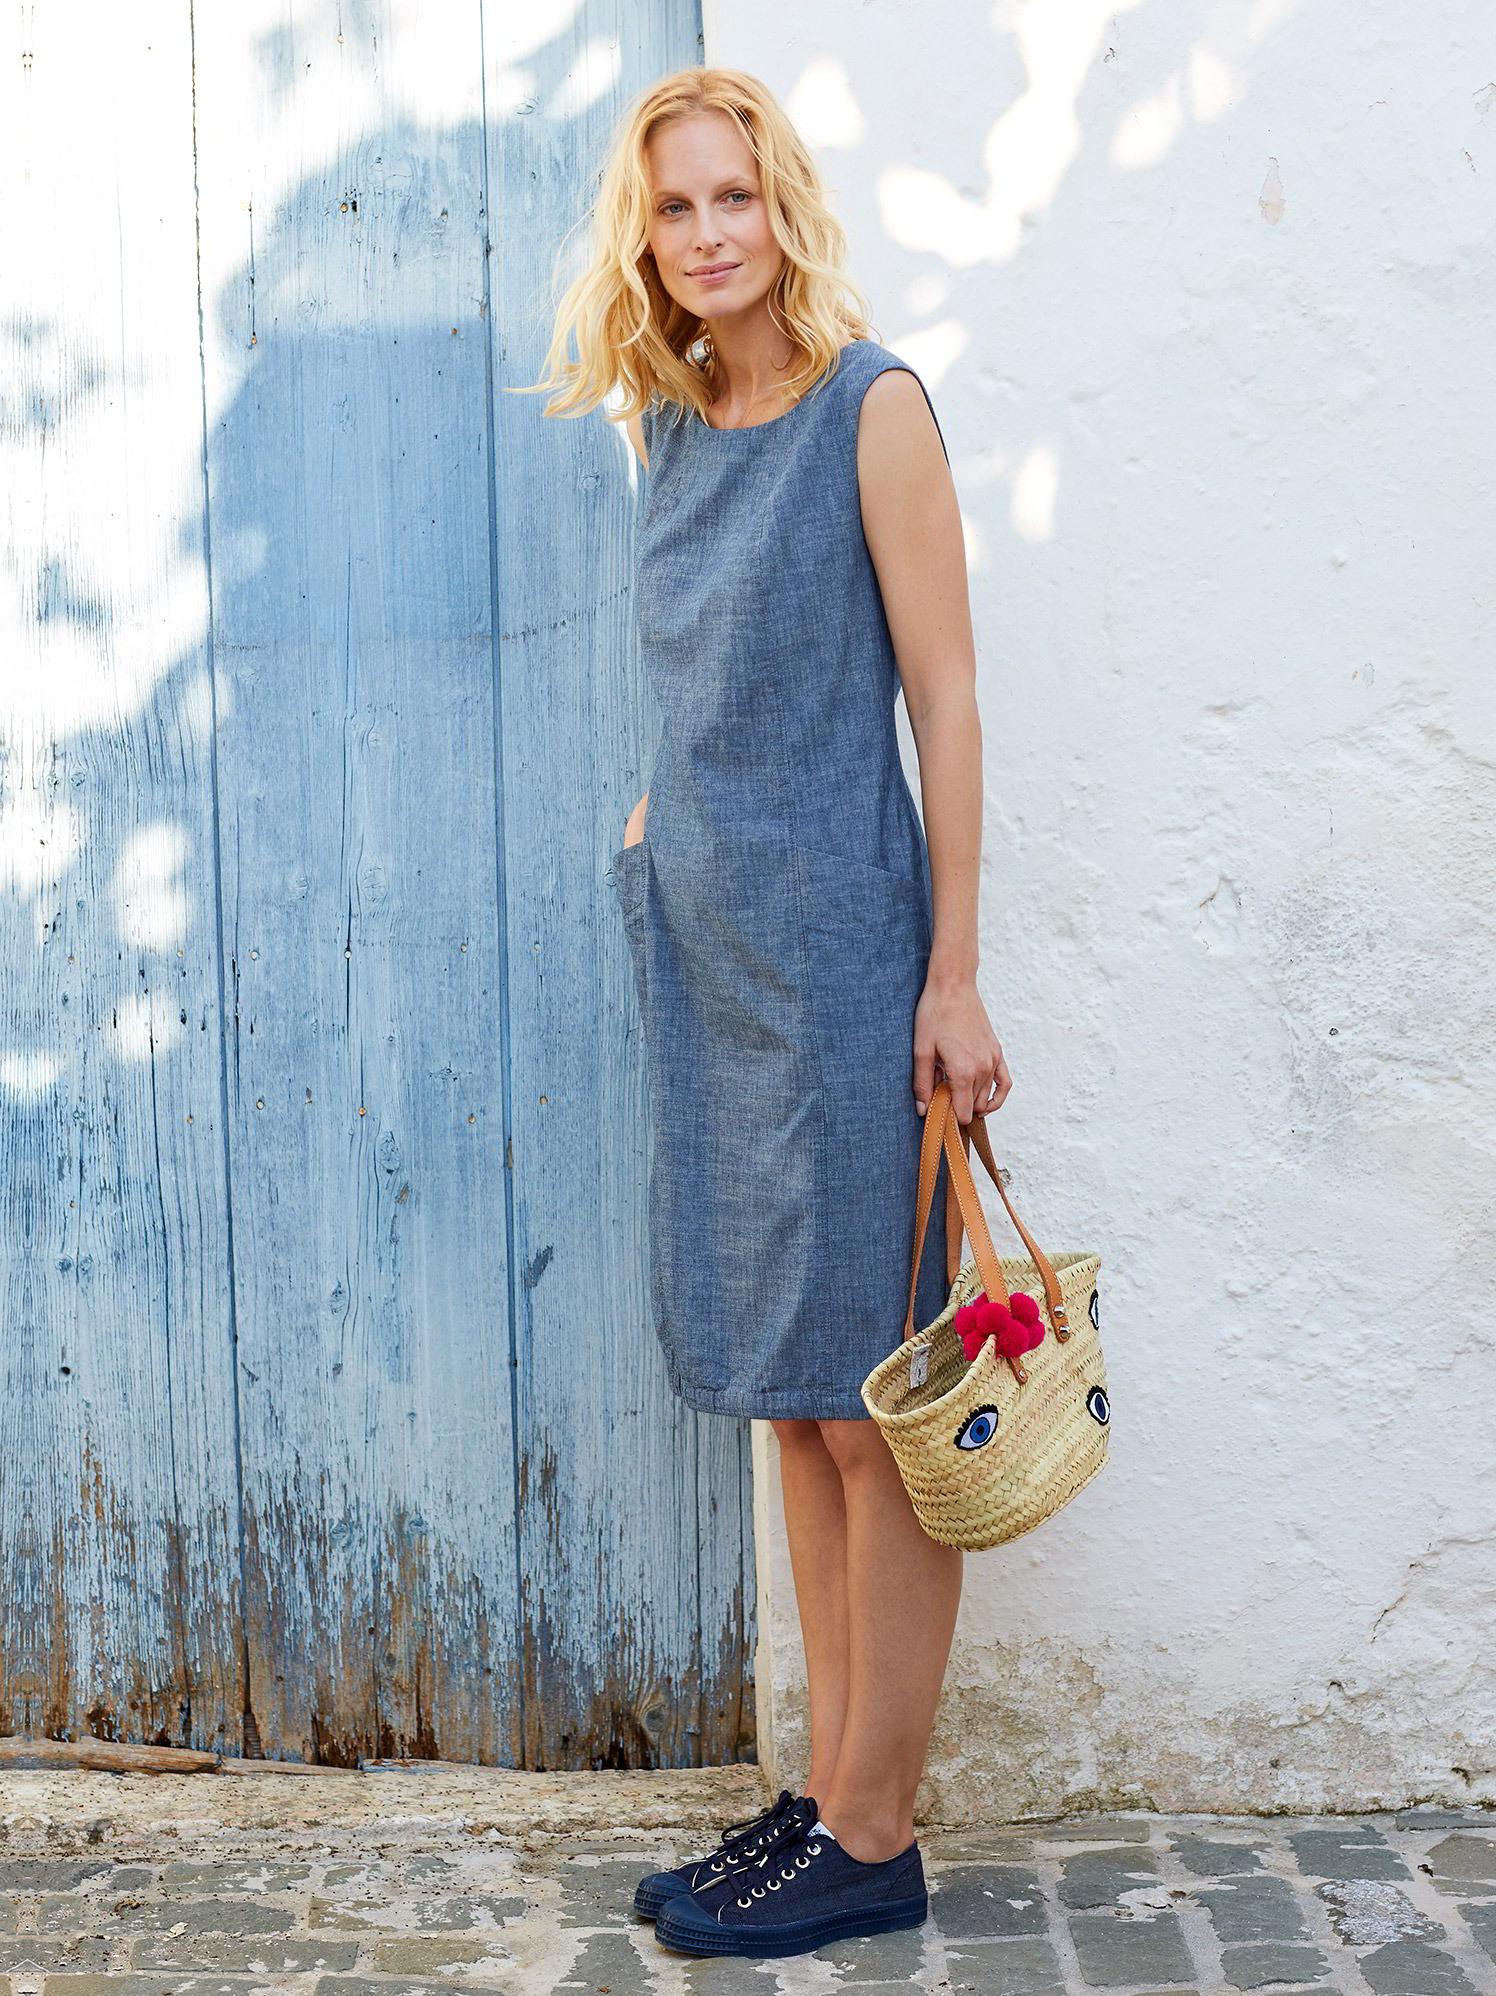 10 Coolste Kleid Kniebedeckt Galerie10 Genial Kleid Kniebedeckt Vertrieb